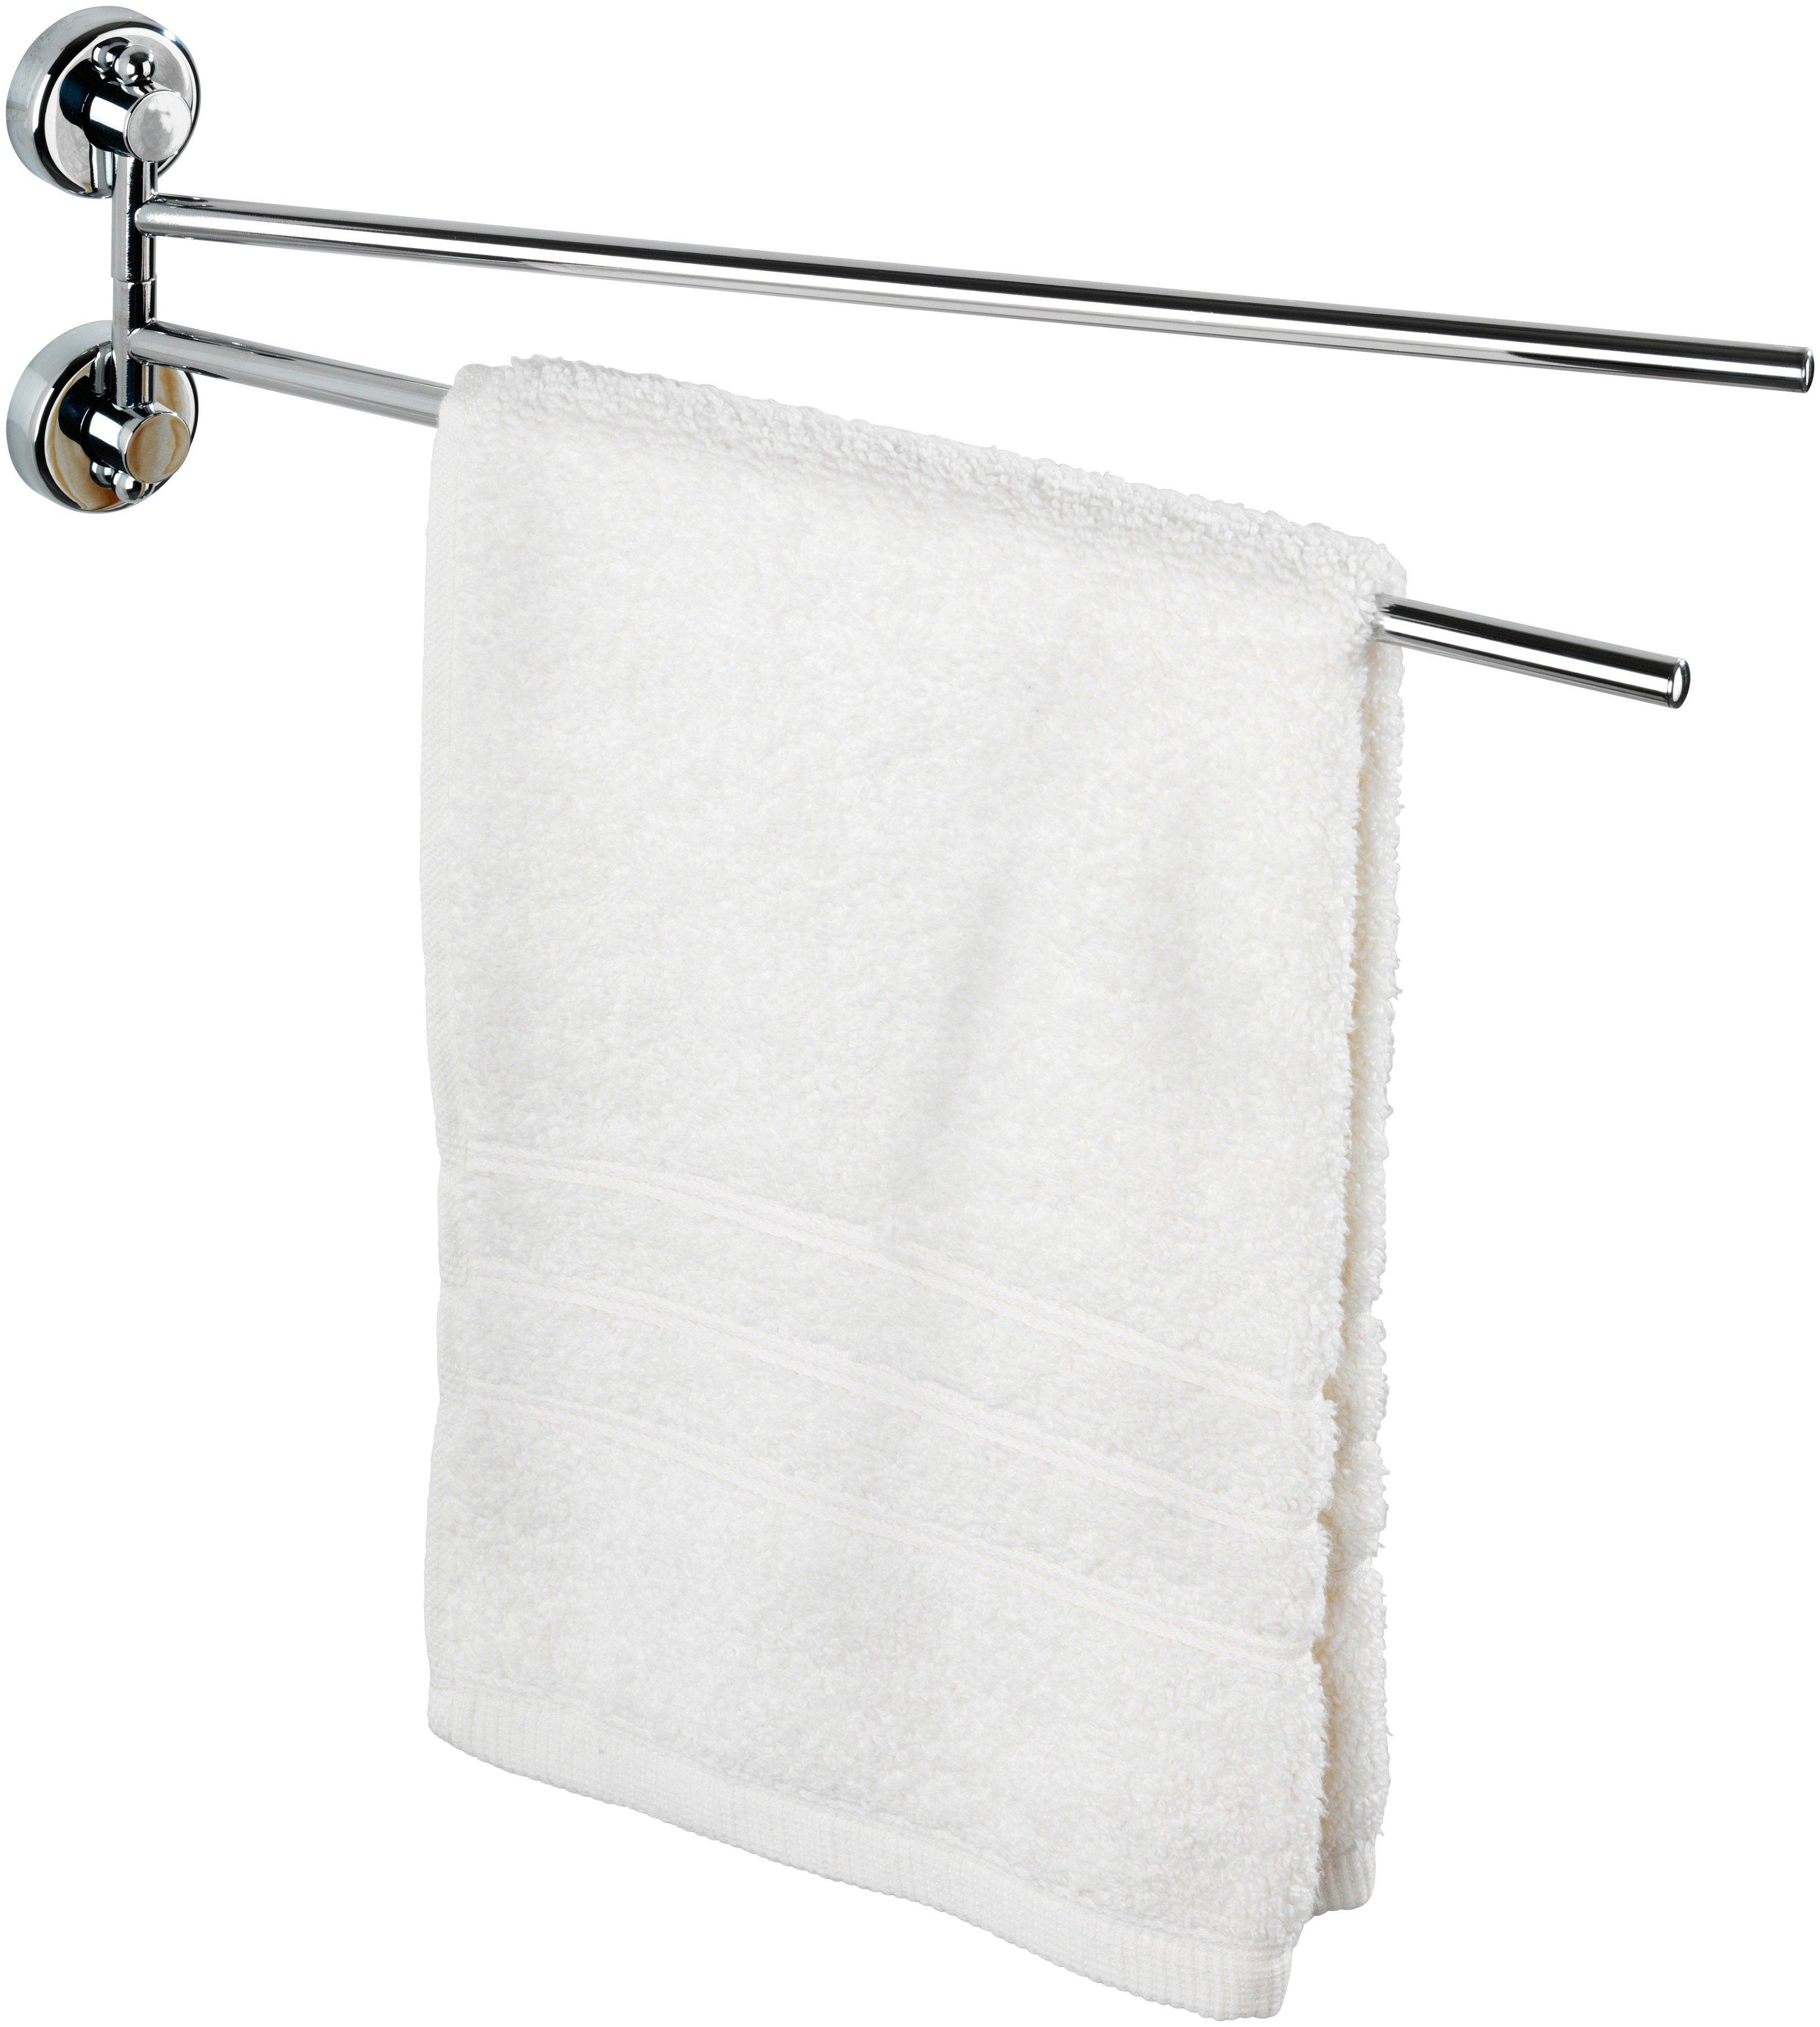 WENKO Handtuchhalter »Sion«, mit 2 Armen, Power-Loc - Befestigen ohne bohren